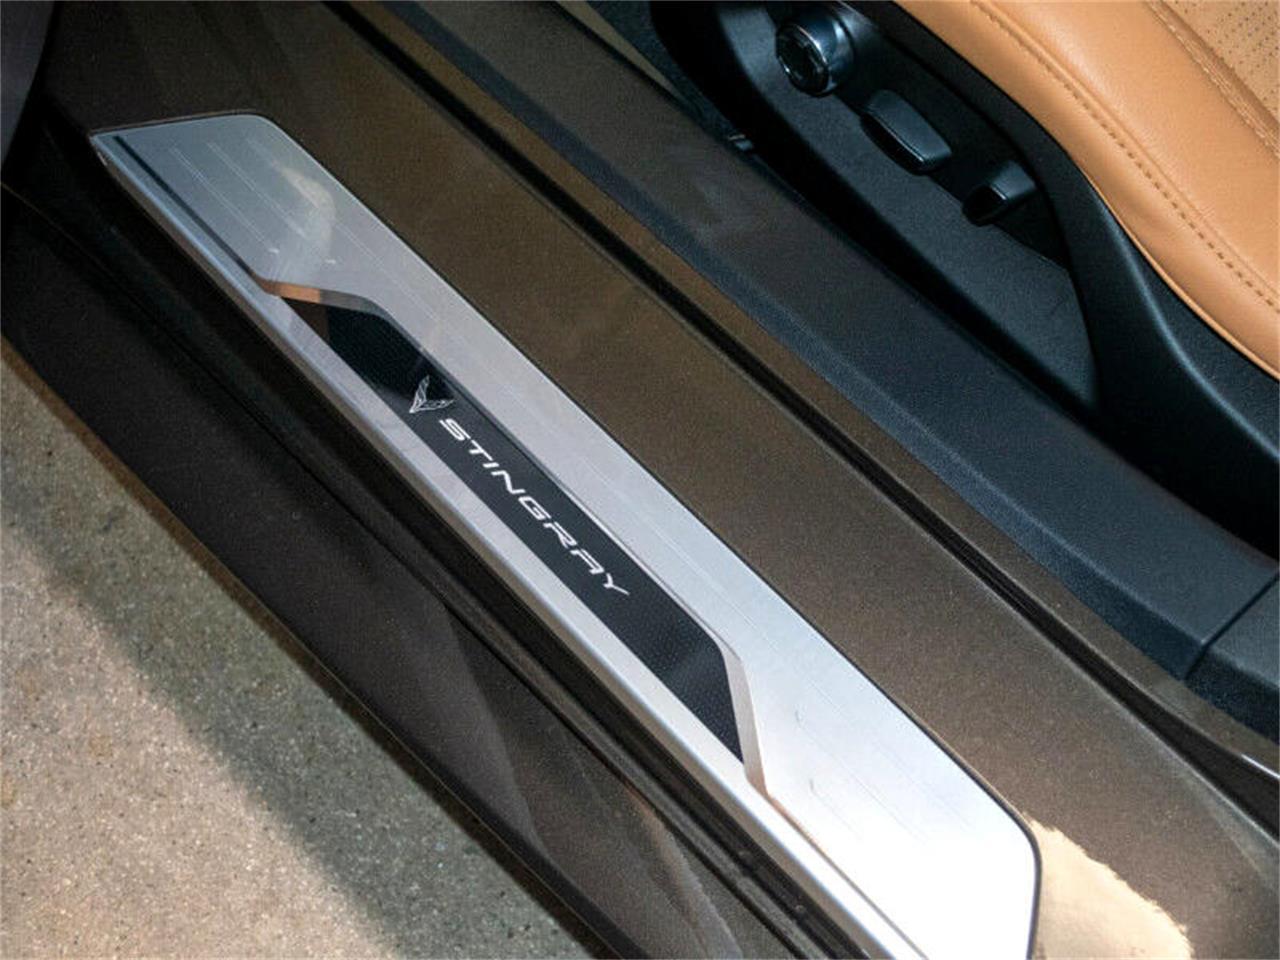 2020 Chevrolet Corvette (CC-1422329) for sale in Anaheim, California